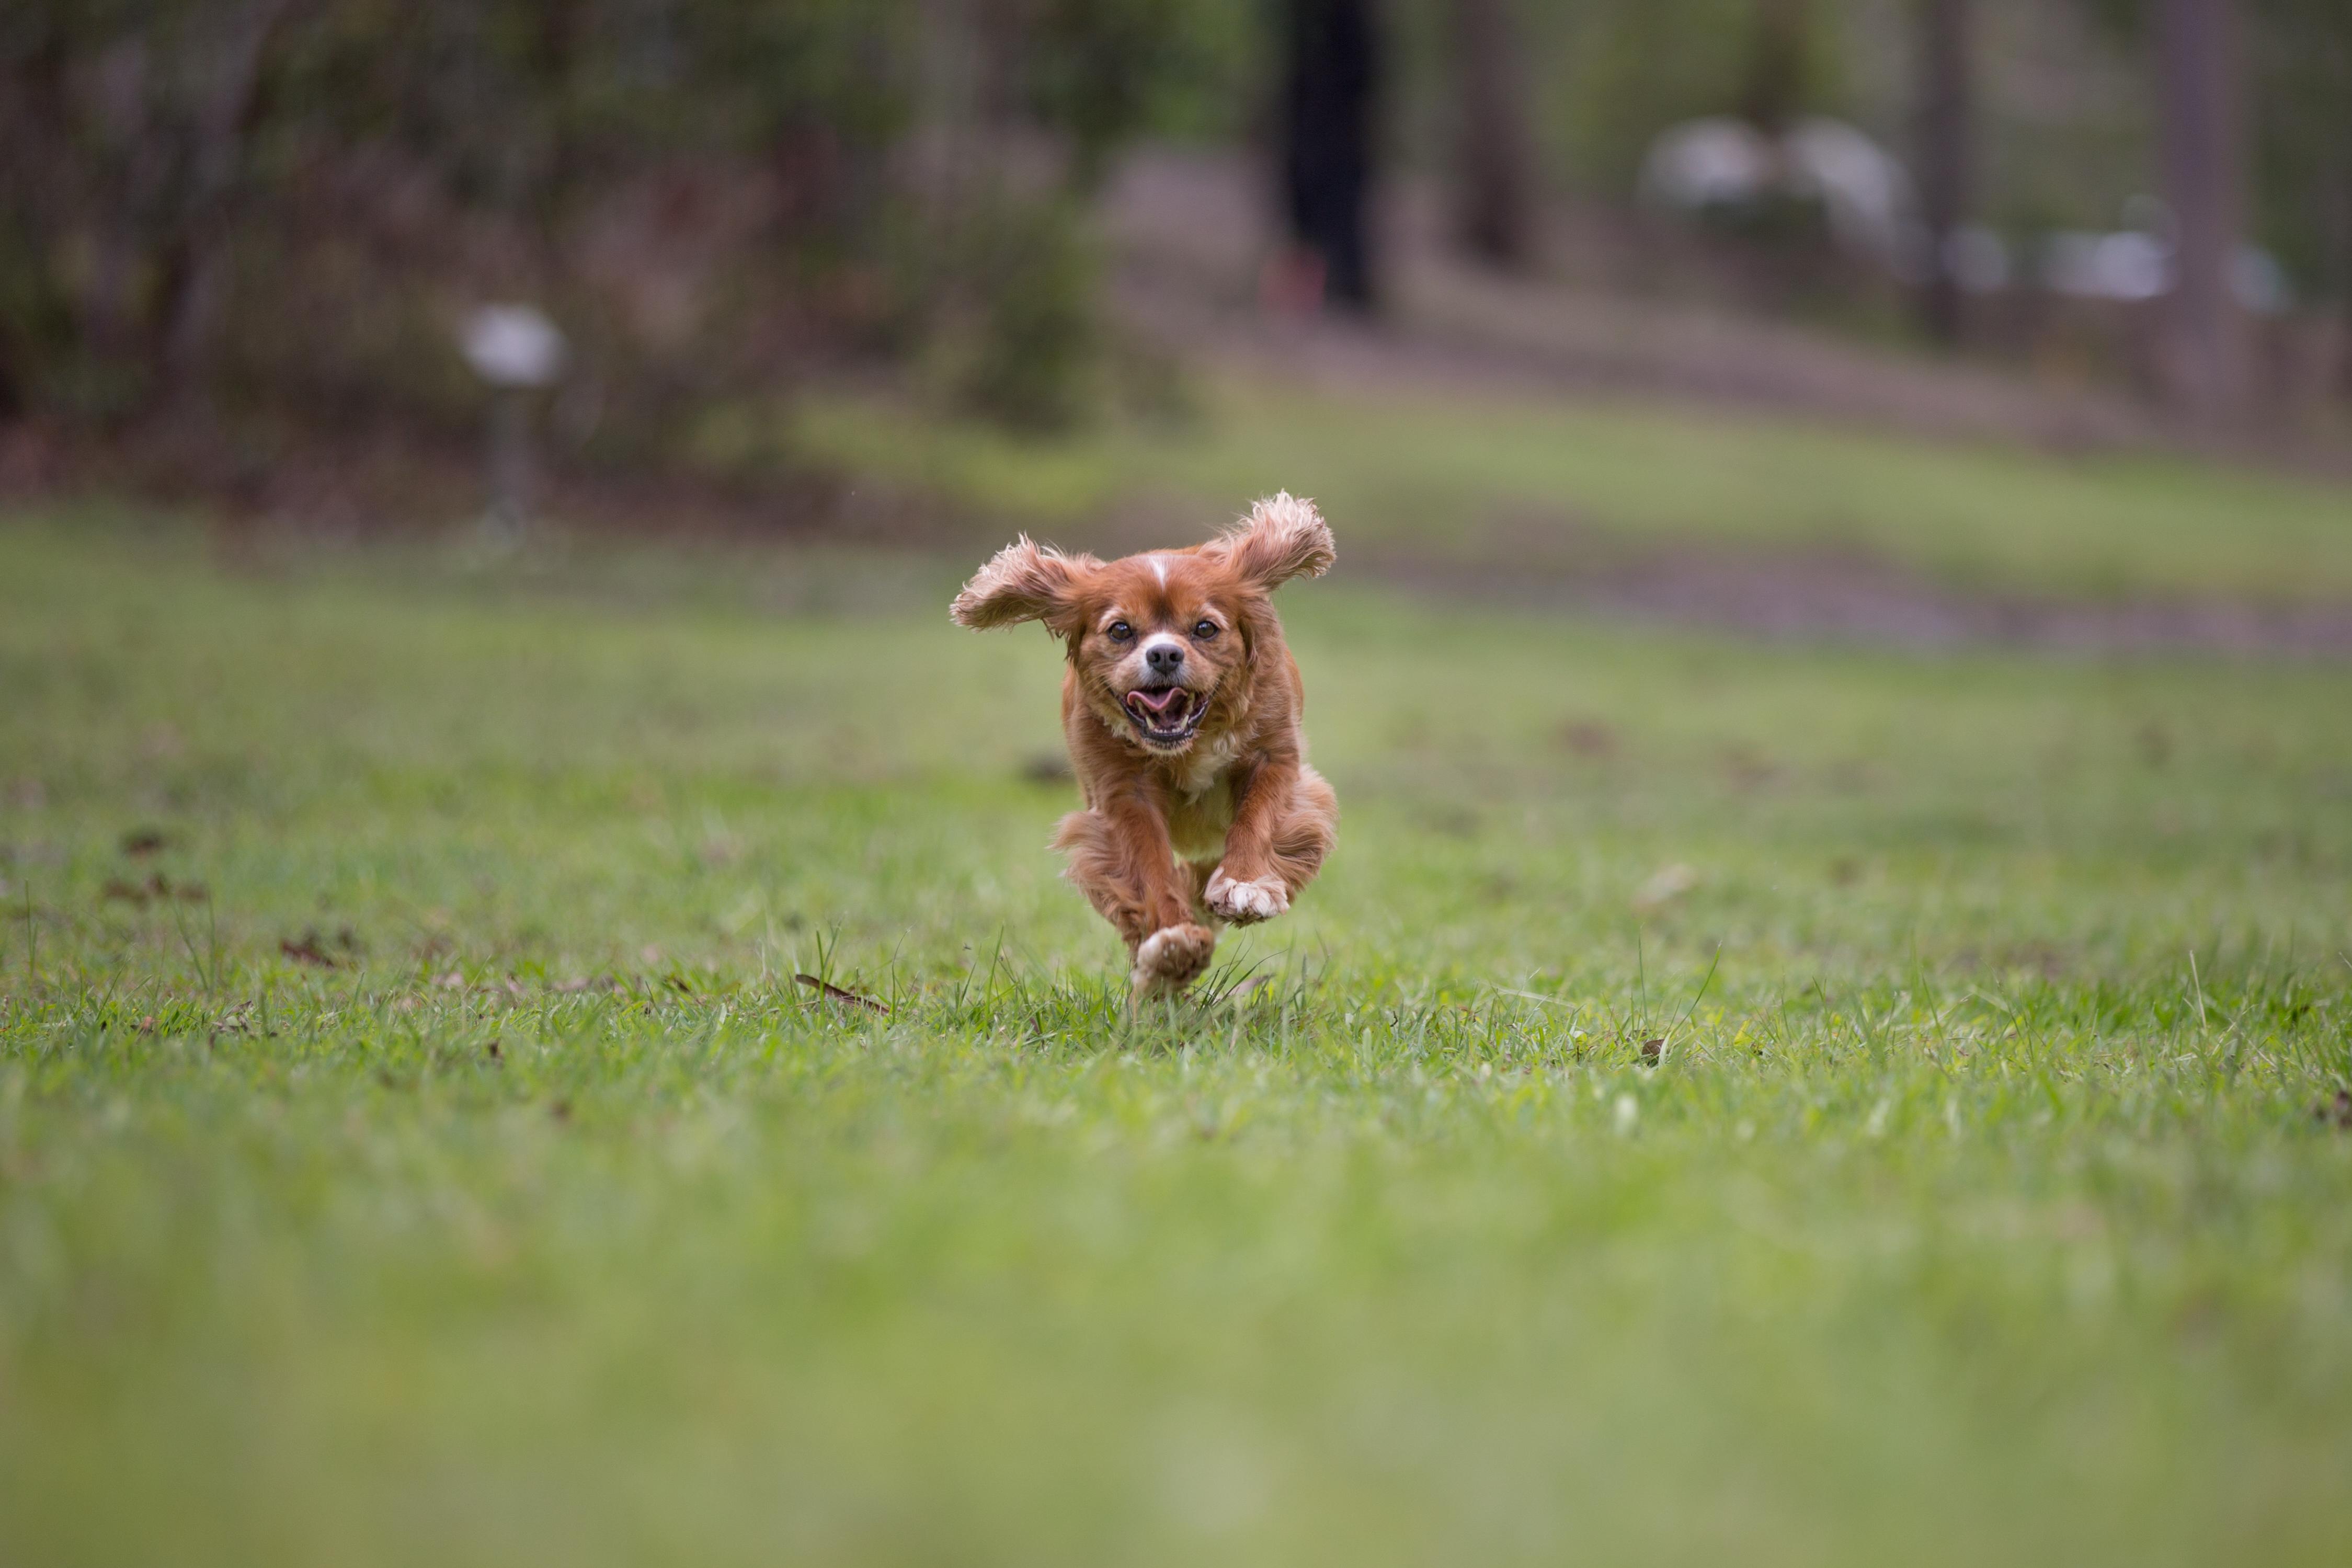 brisbane dog running photos